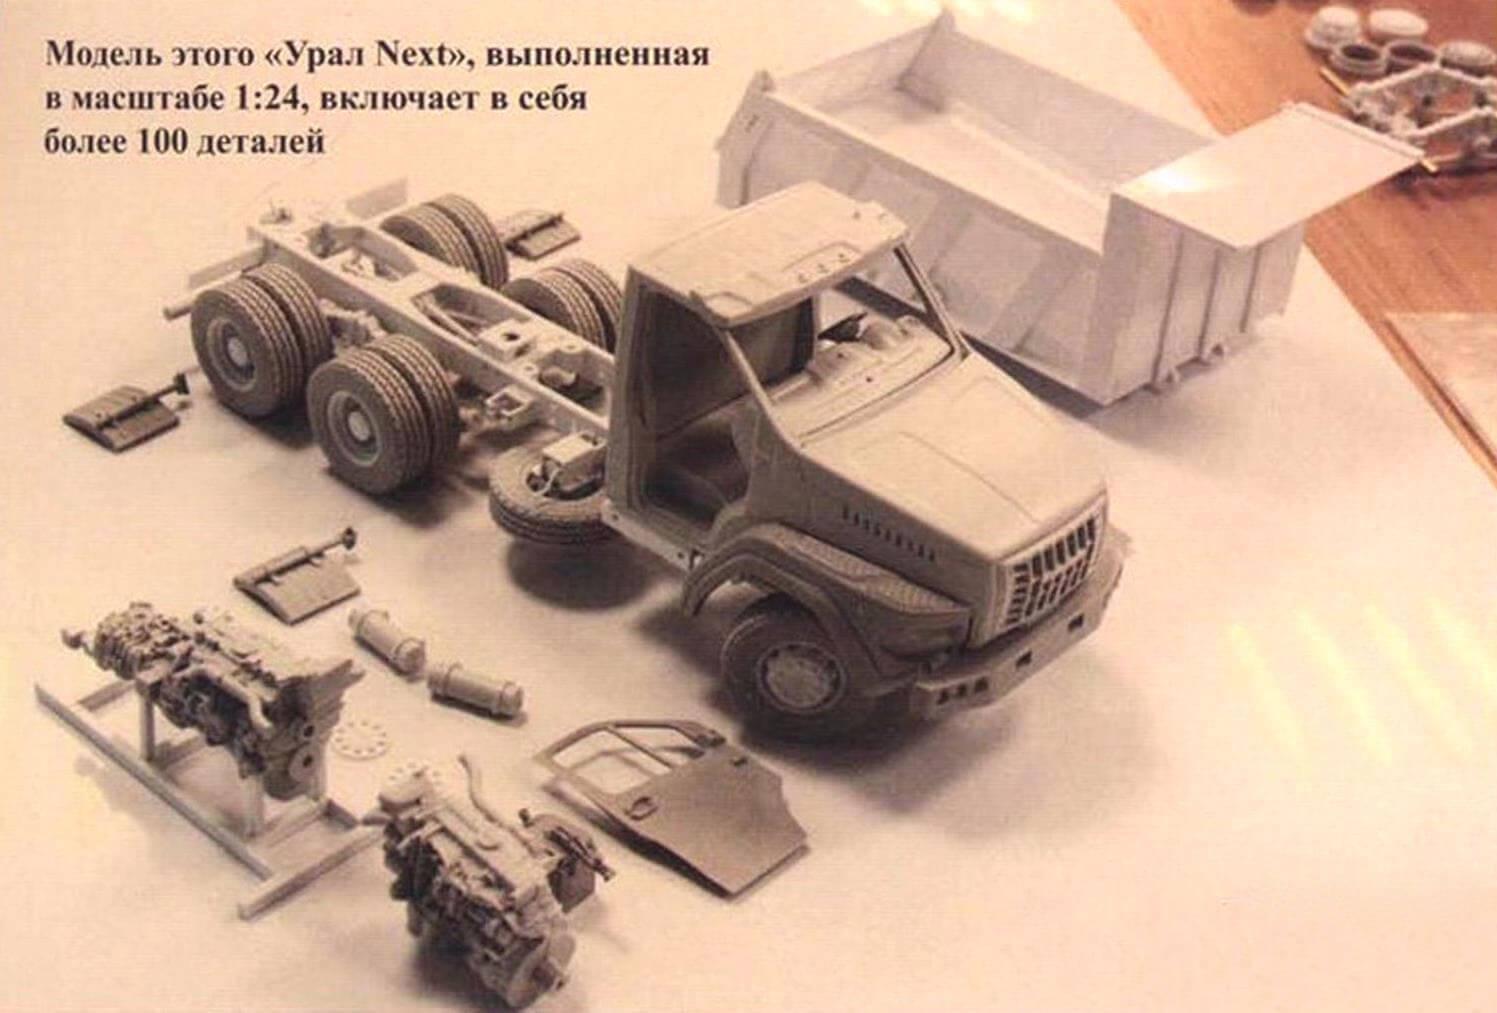 Модель этого «Урал Next», выполненная в масштабе 1:24, включает в себя более 100 деталей